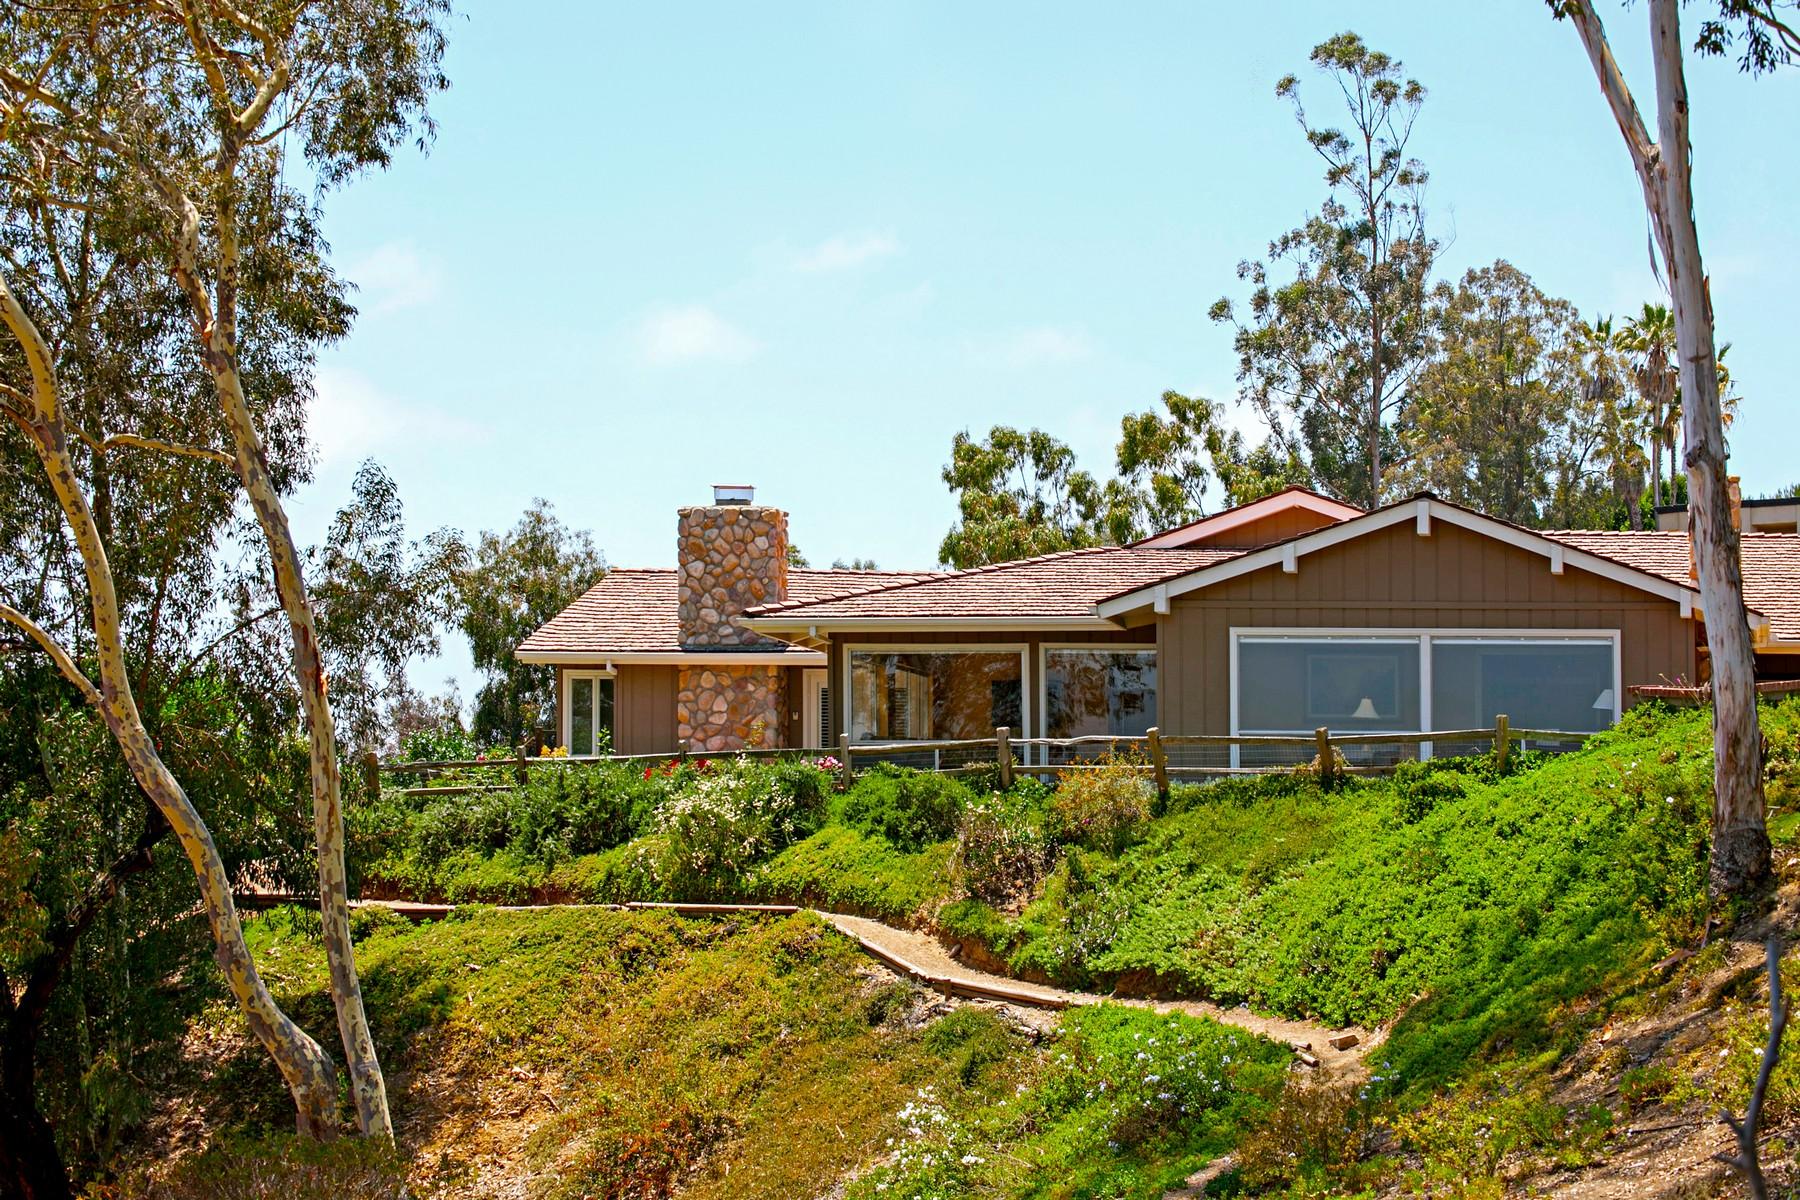 独户住宅 为 销售 在 16912 Reposa Alta Rancho Santa Fe, 加利福尼亚州, 92067 美国